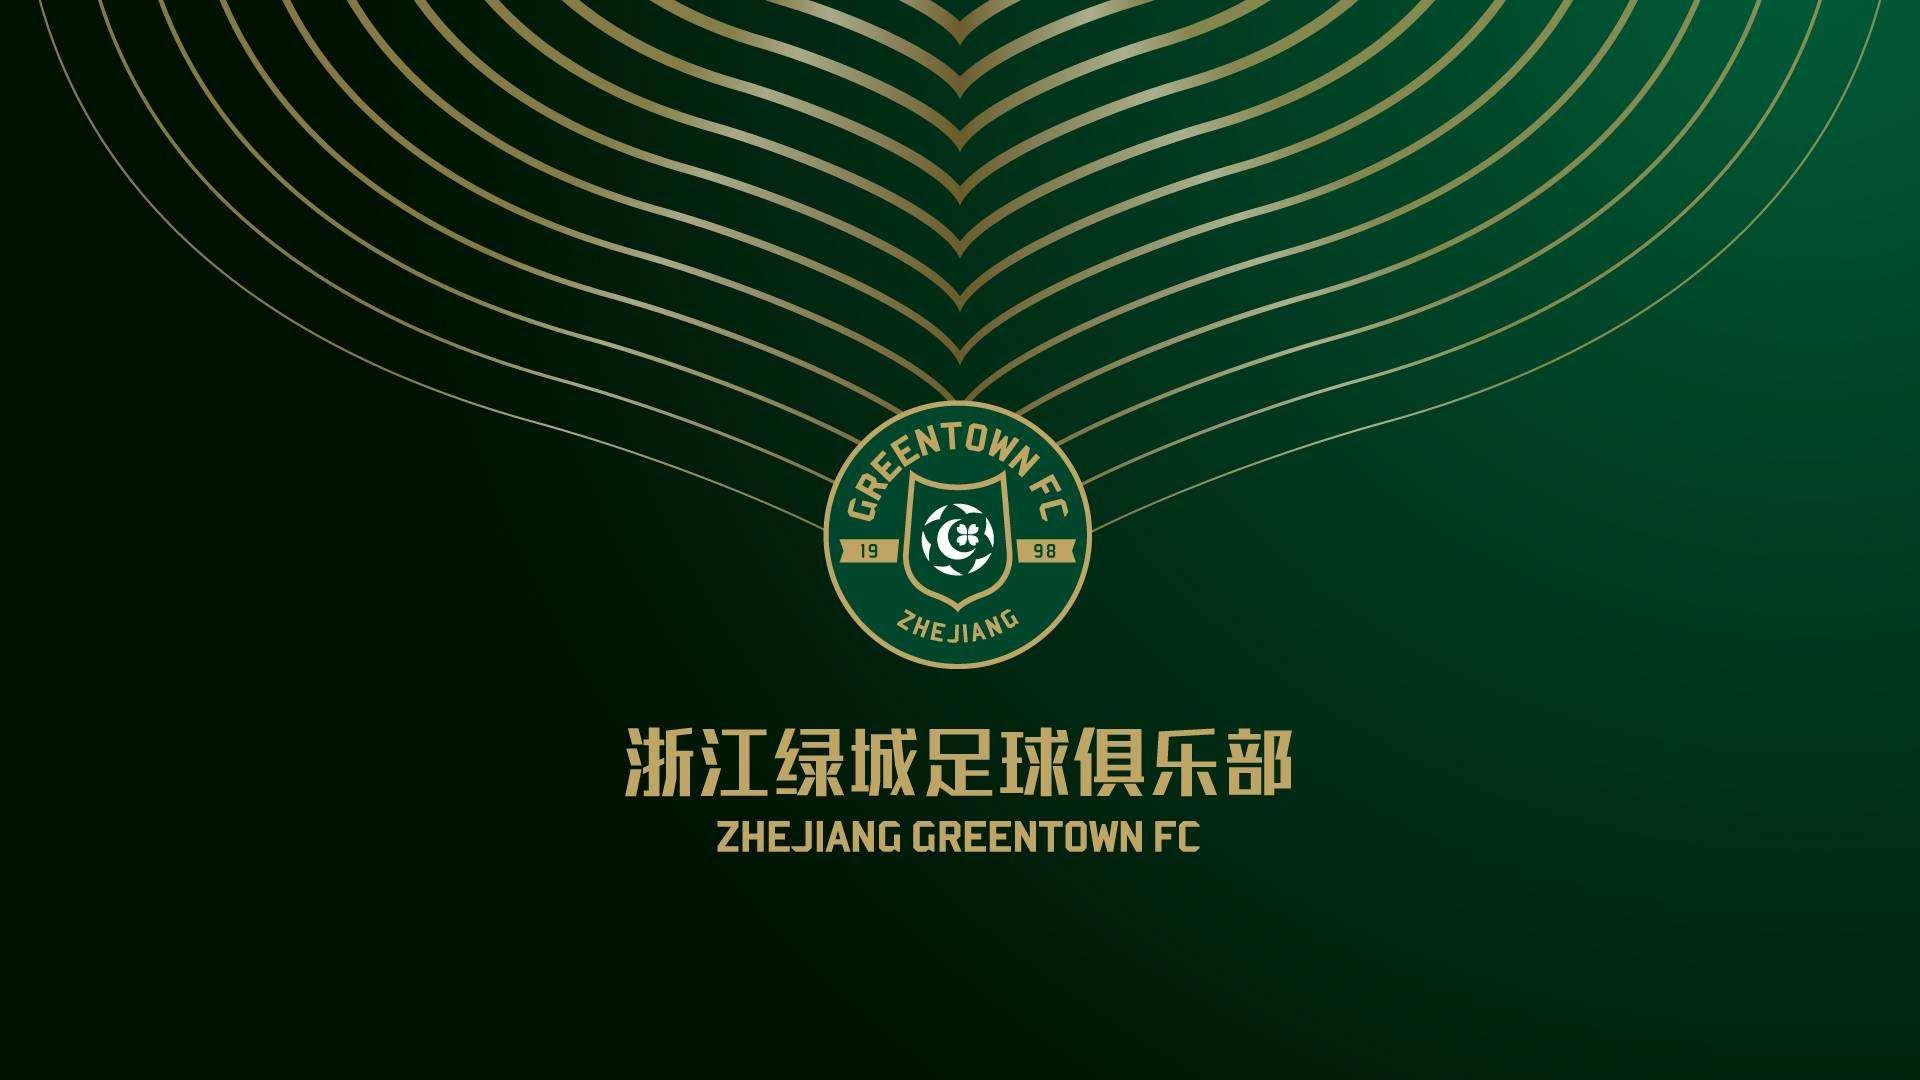 足协公示:浙江省能源集团收购绿城俱乐部50%股份 第1张